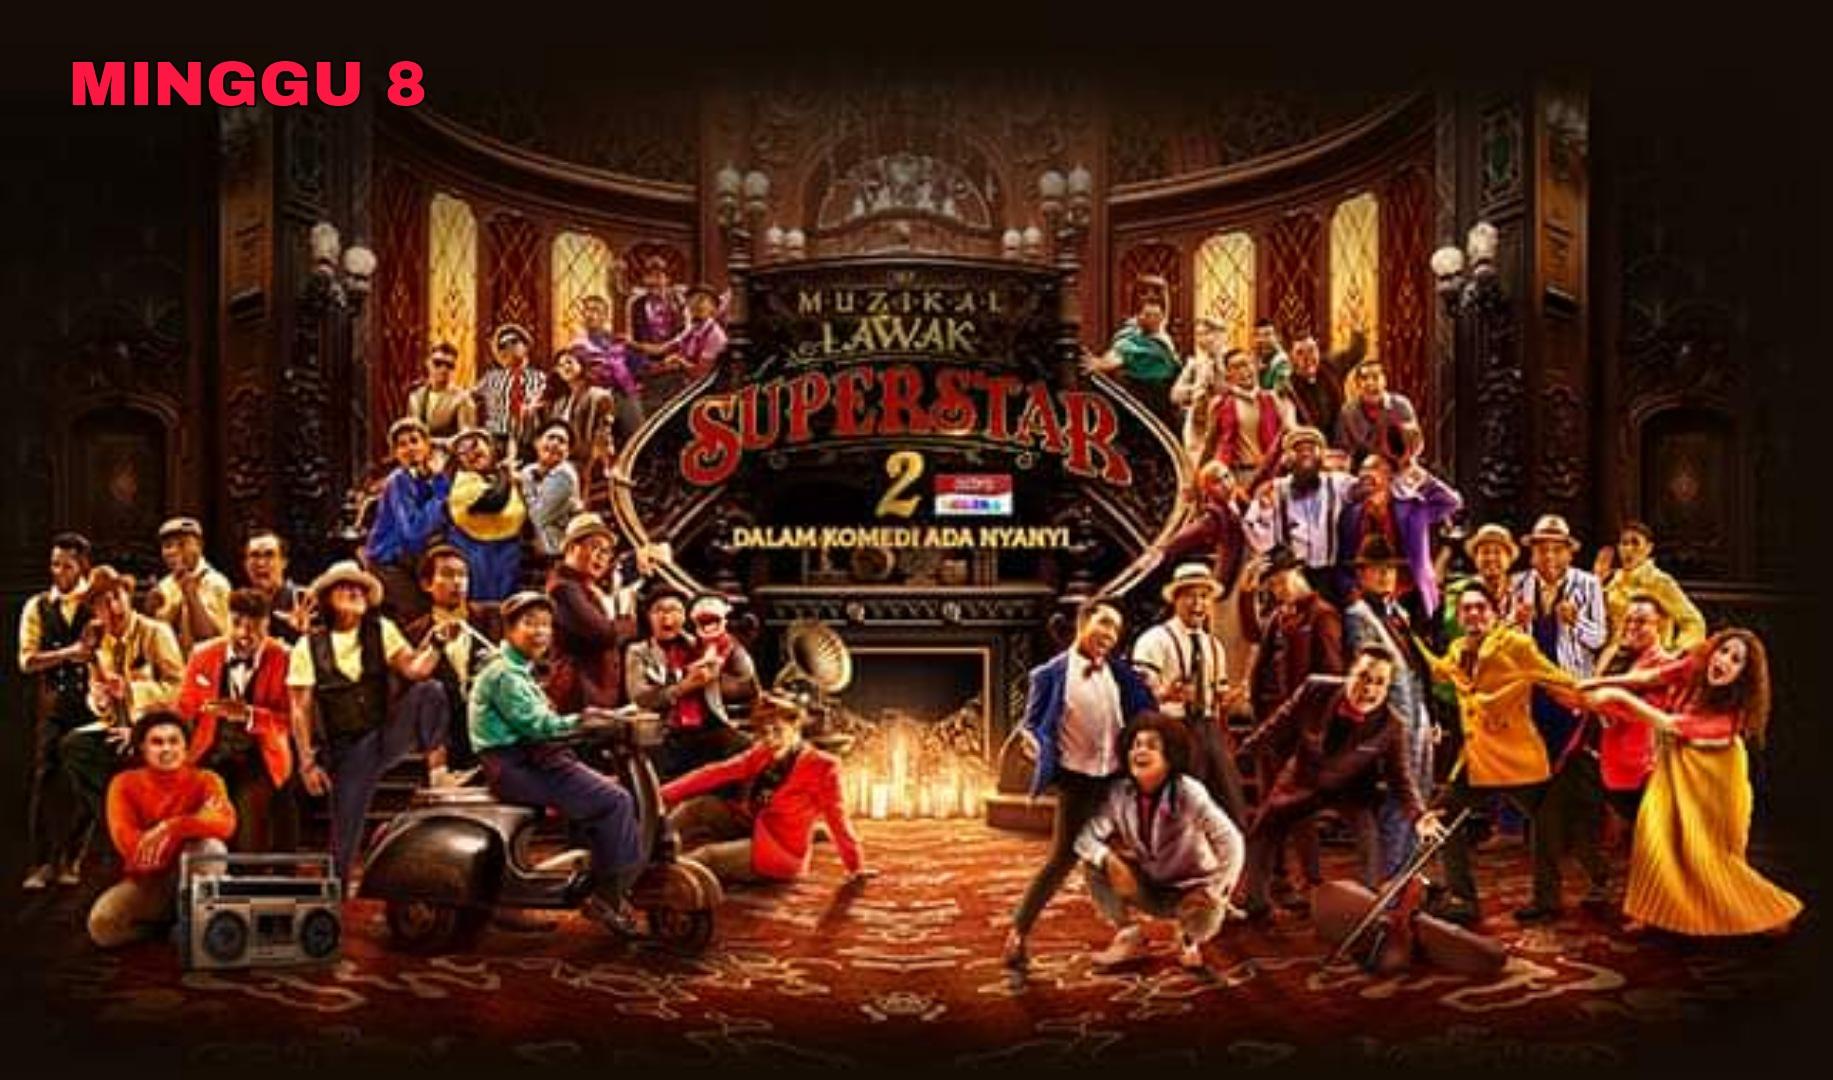 Live Streaming Muzikal Lawak Superstar 2020 Minggu 8 (Siaran Langsung)